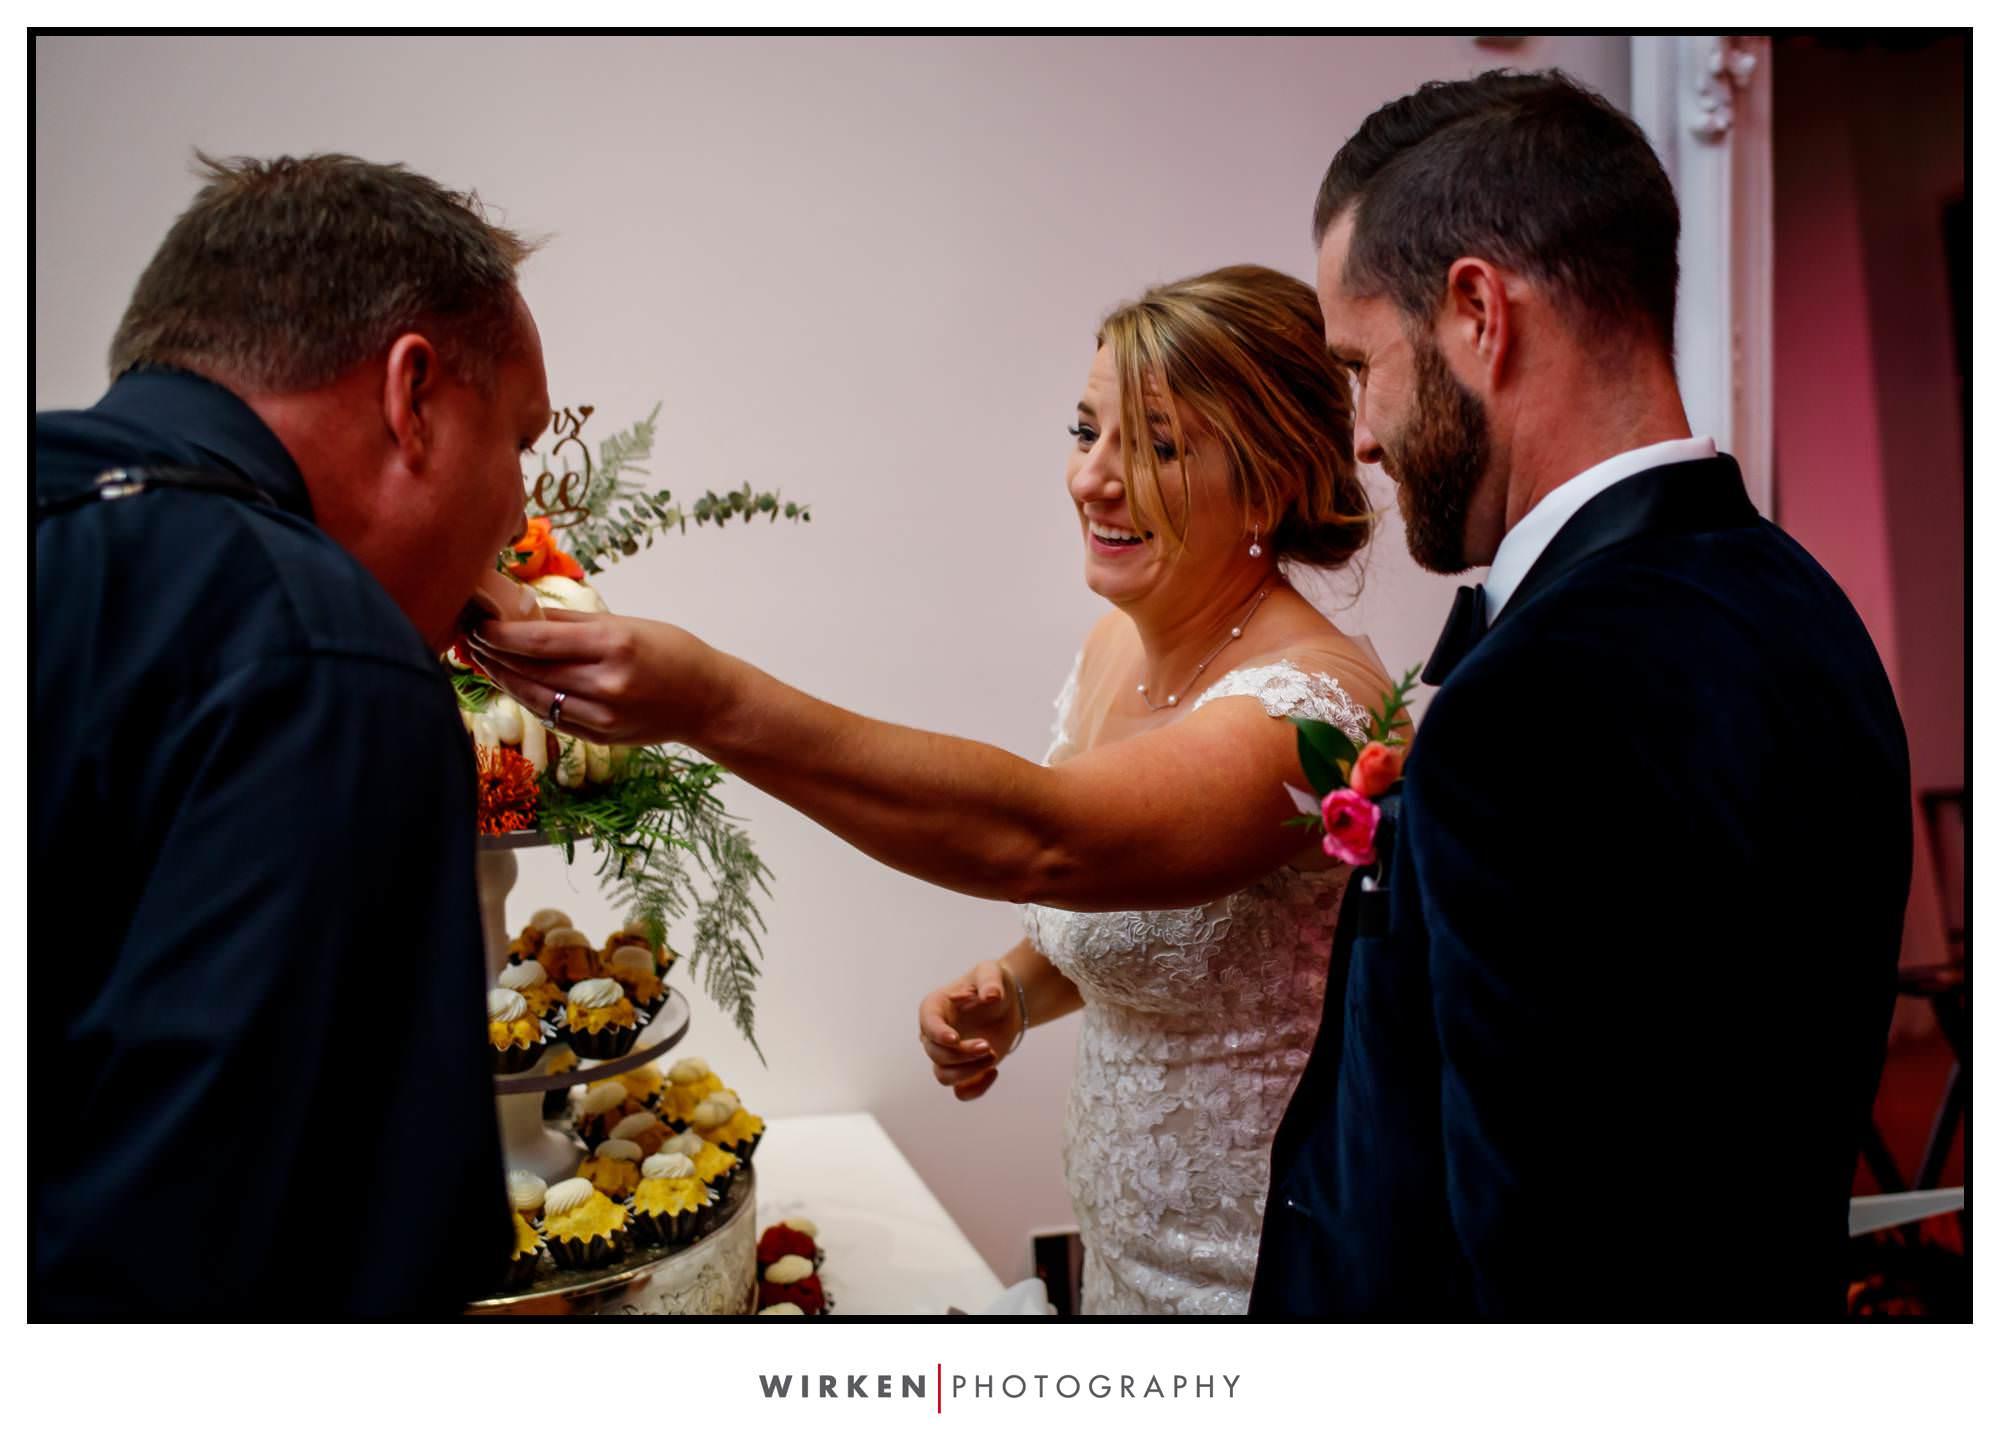 Leah feeds Kansas City wedding photographer Tyler Wirken a piece of wedding cake.